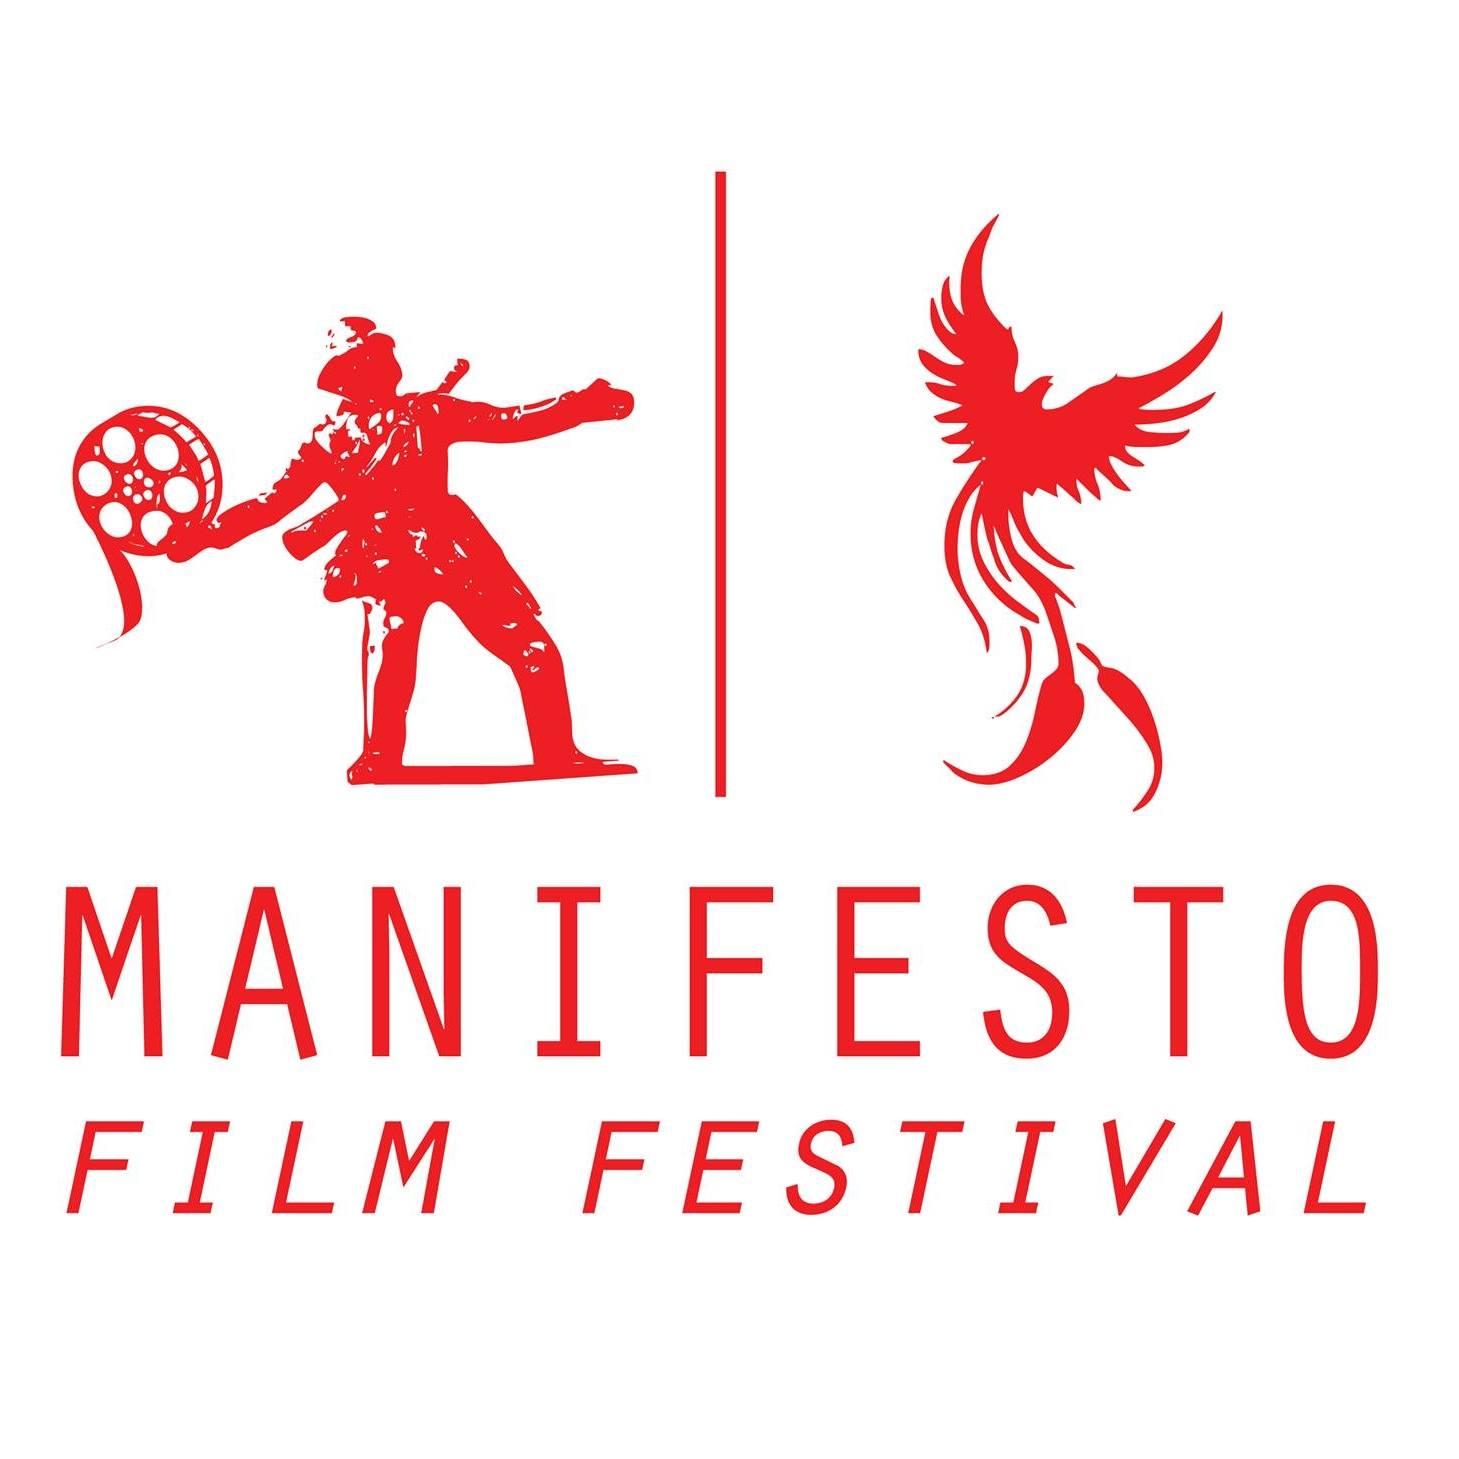 manifesto_festival_funeral.jpg